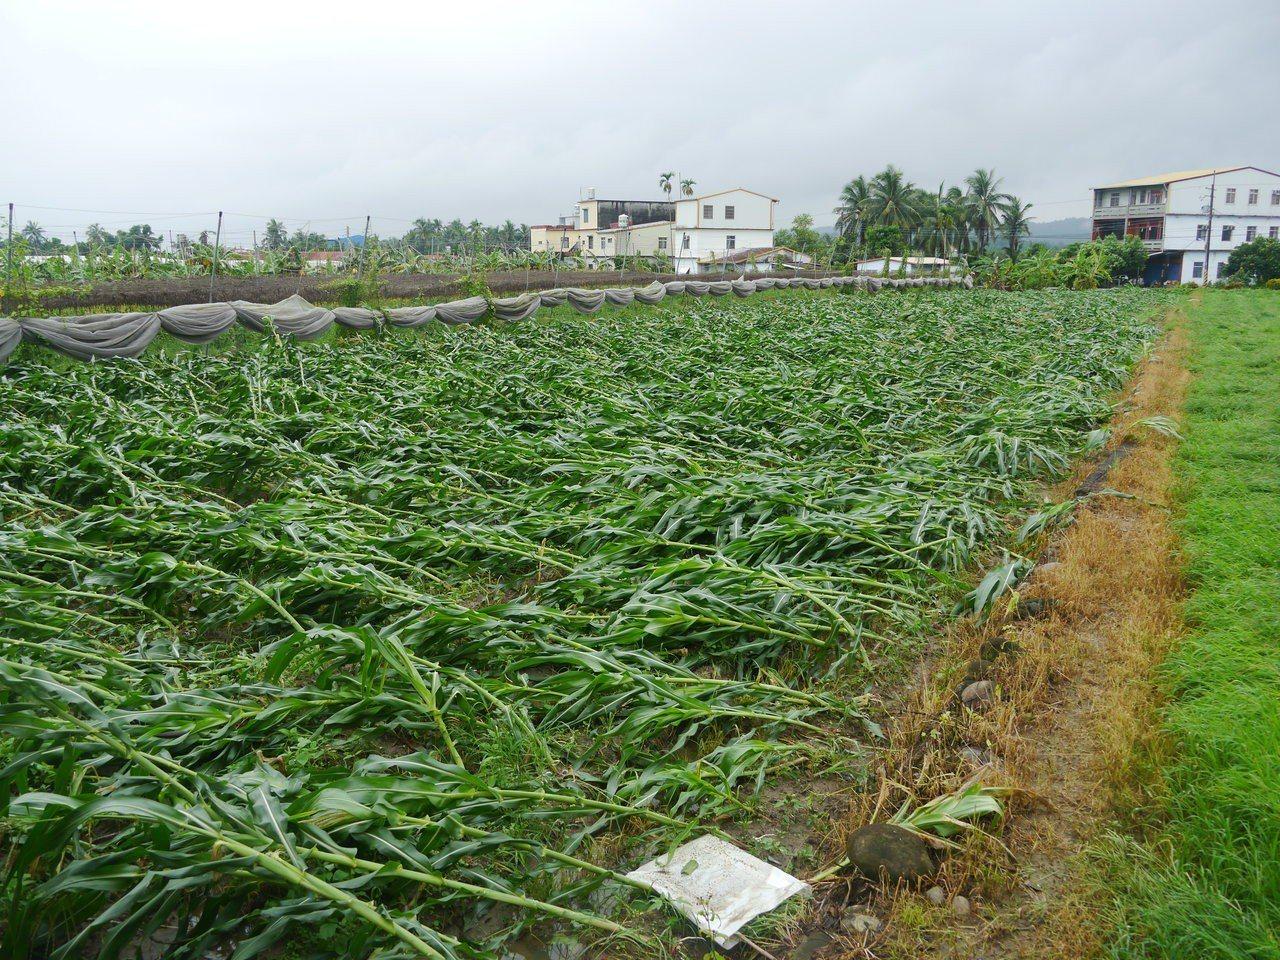 杉林區一處玉米田因豪雨侵襲全數傾倒。記者徐白櫻/攝影